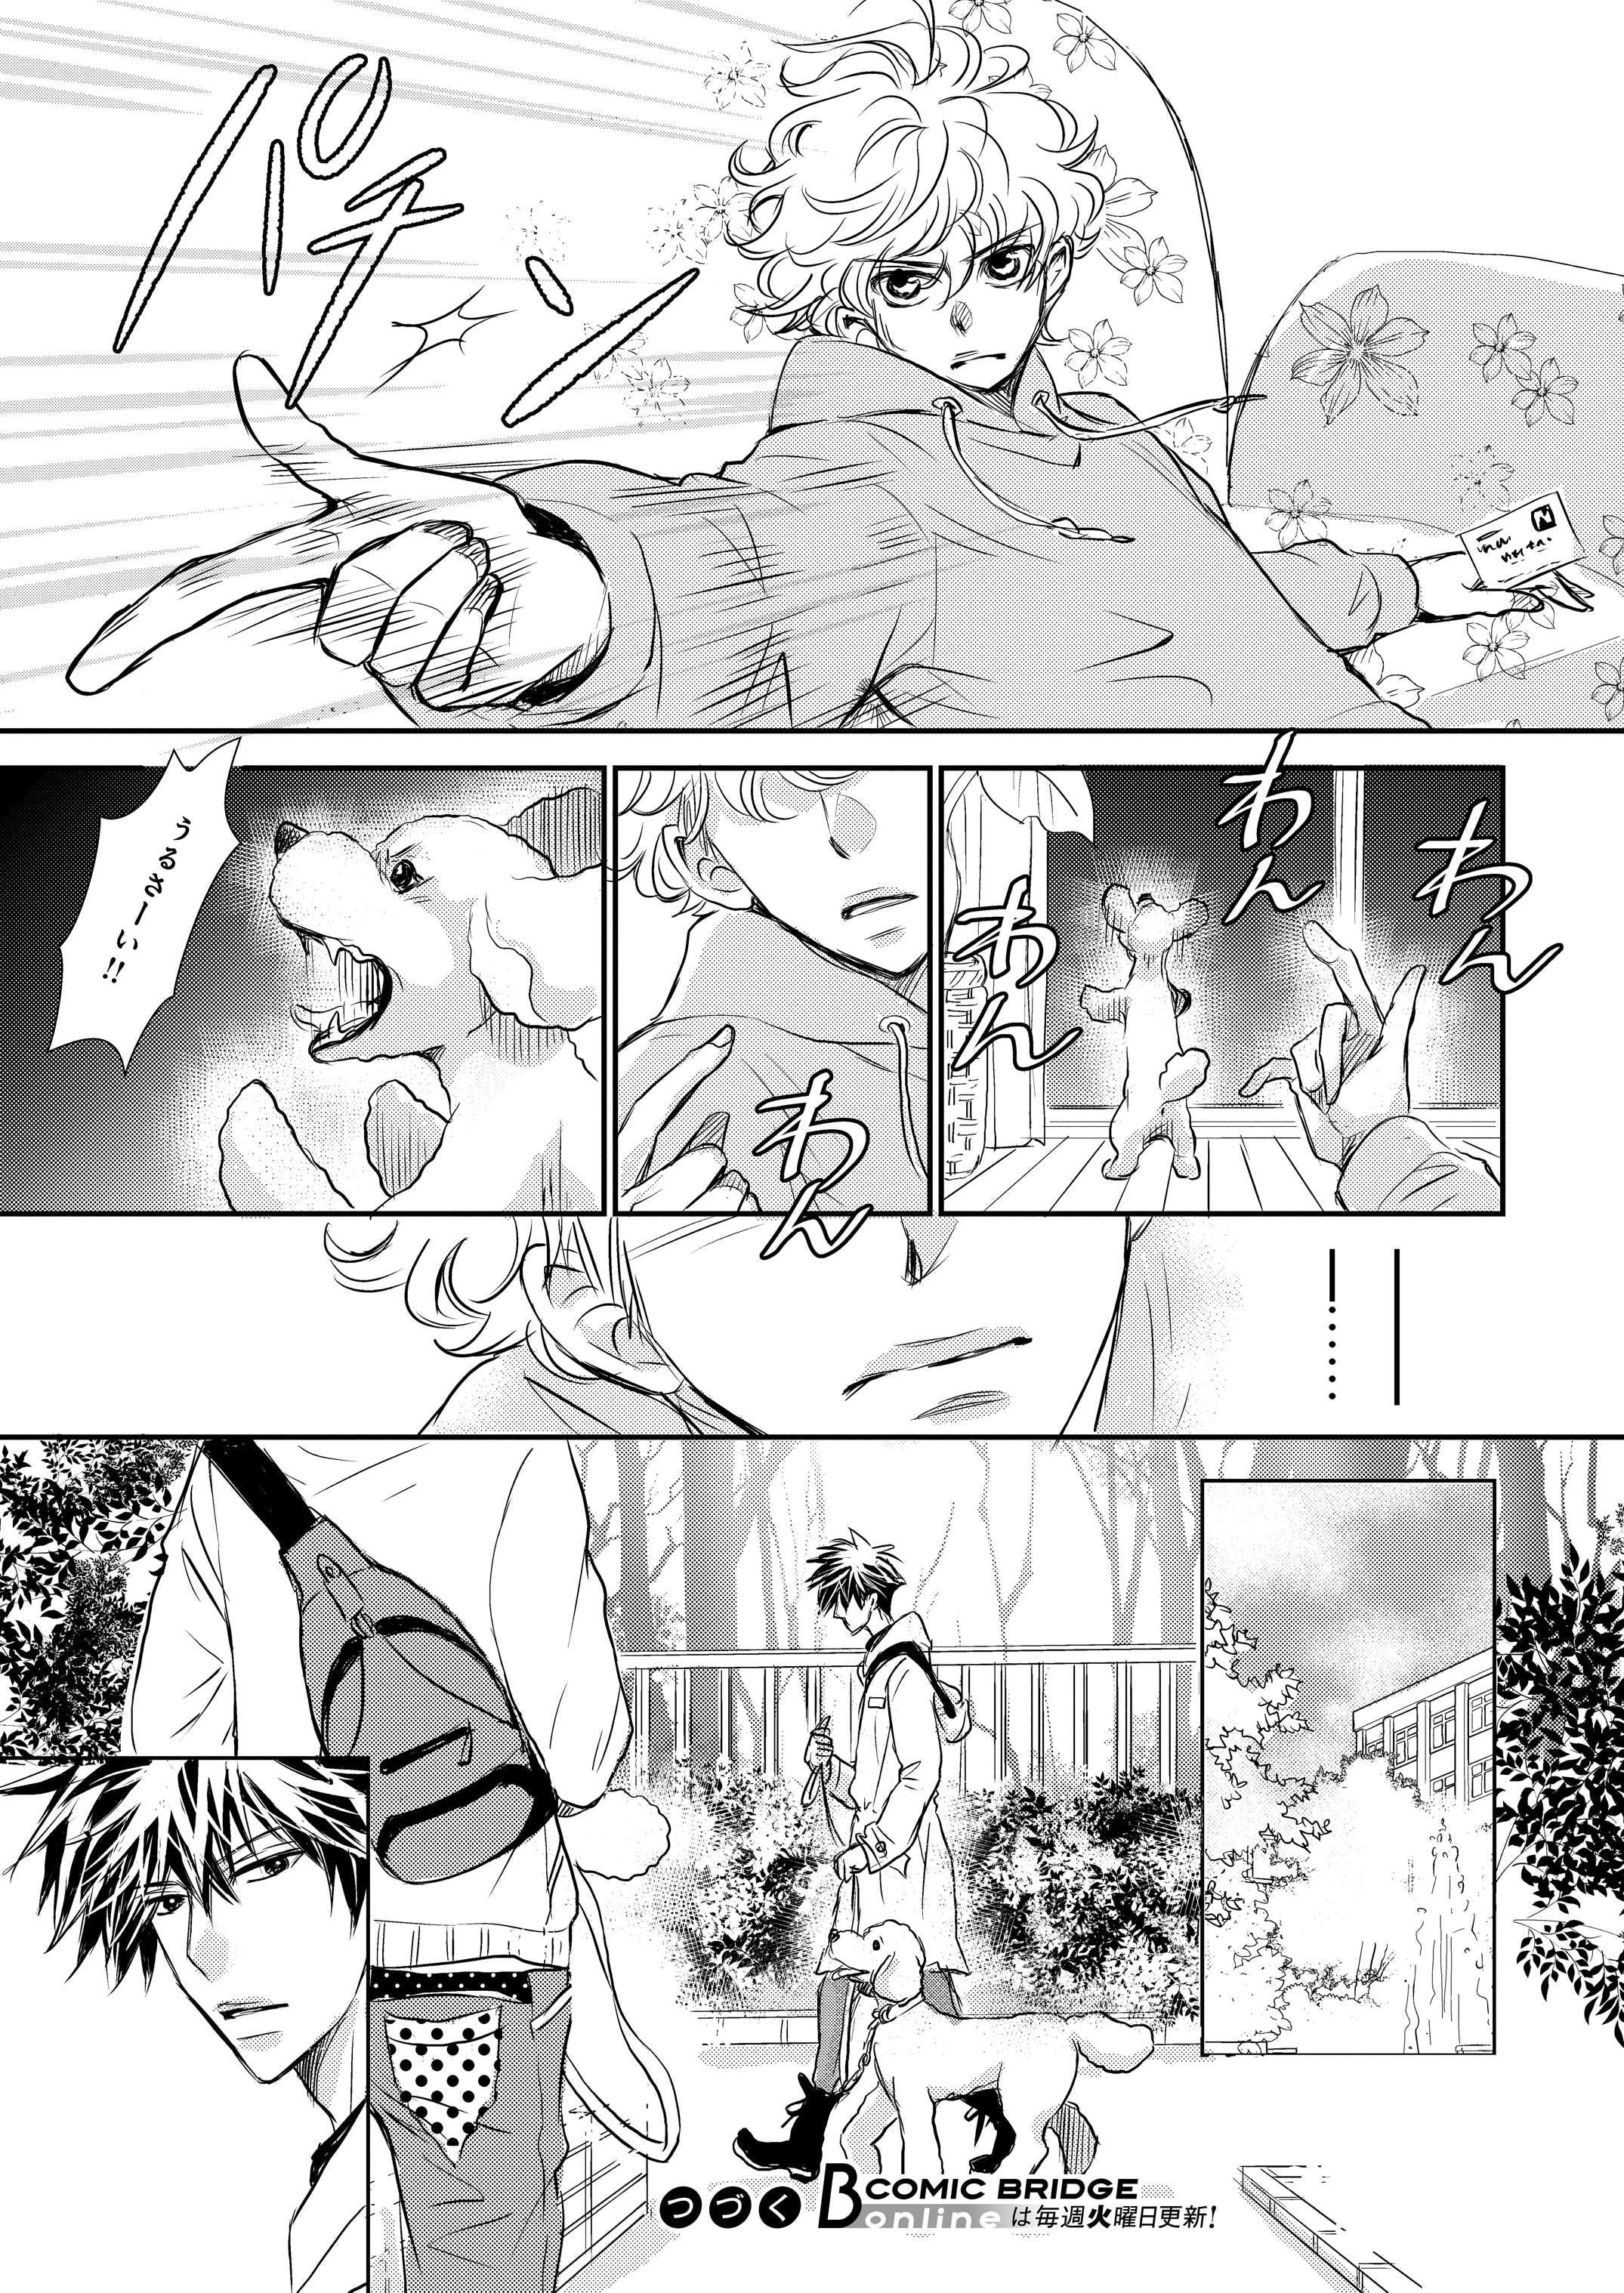 【新連載】『DOG SIGNAL』1話目③ 14ページ目